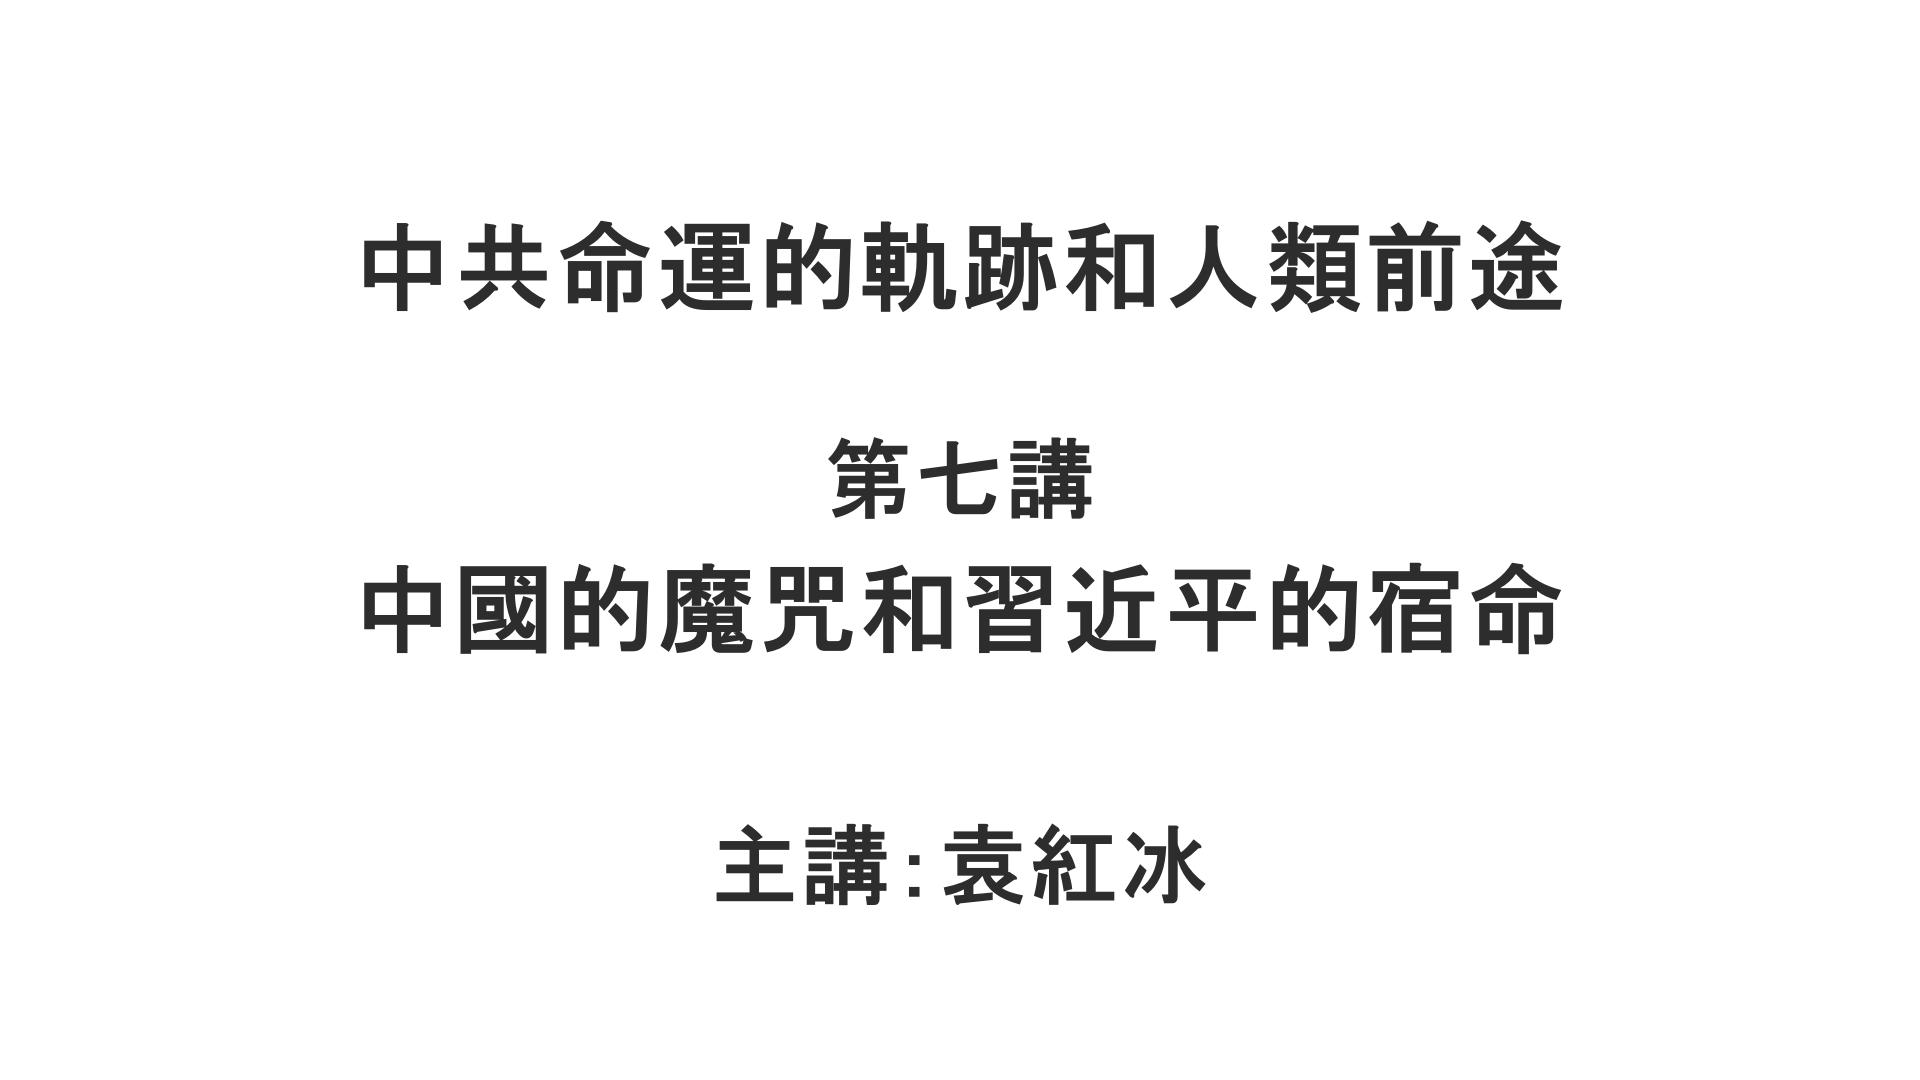 YuanHongBing-ZongLun-5-7-04172021